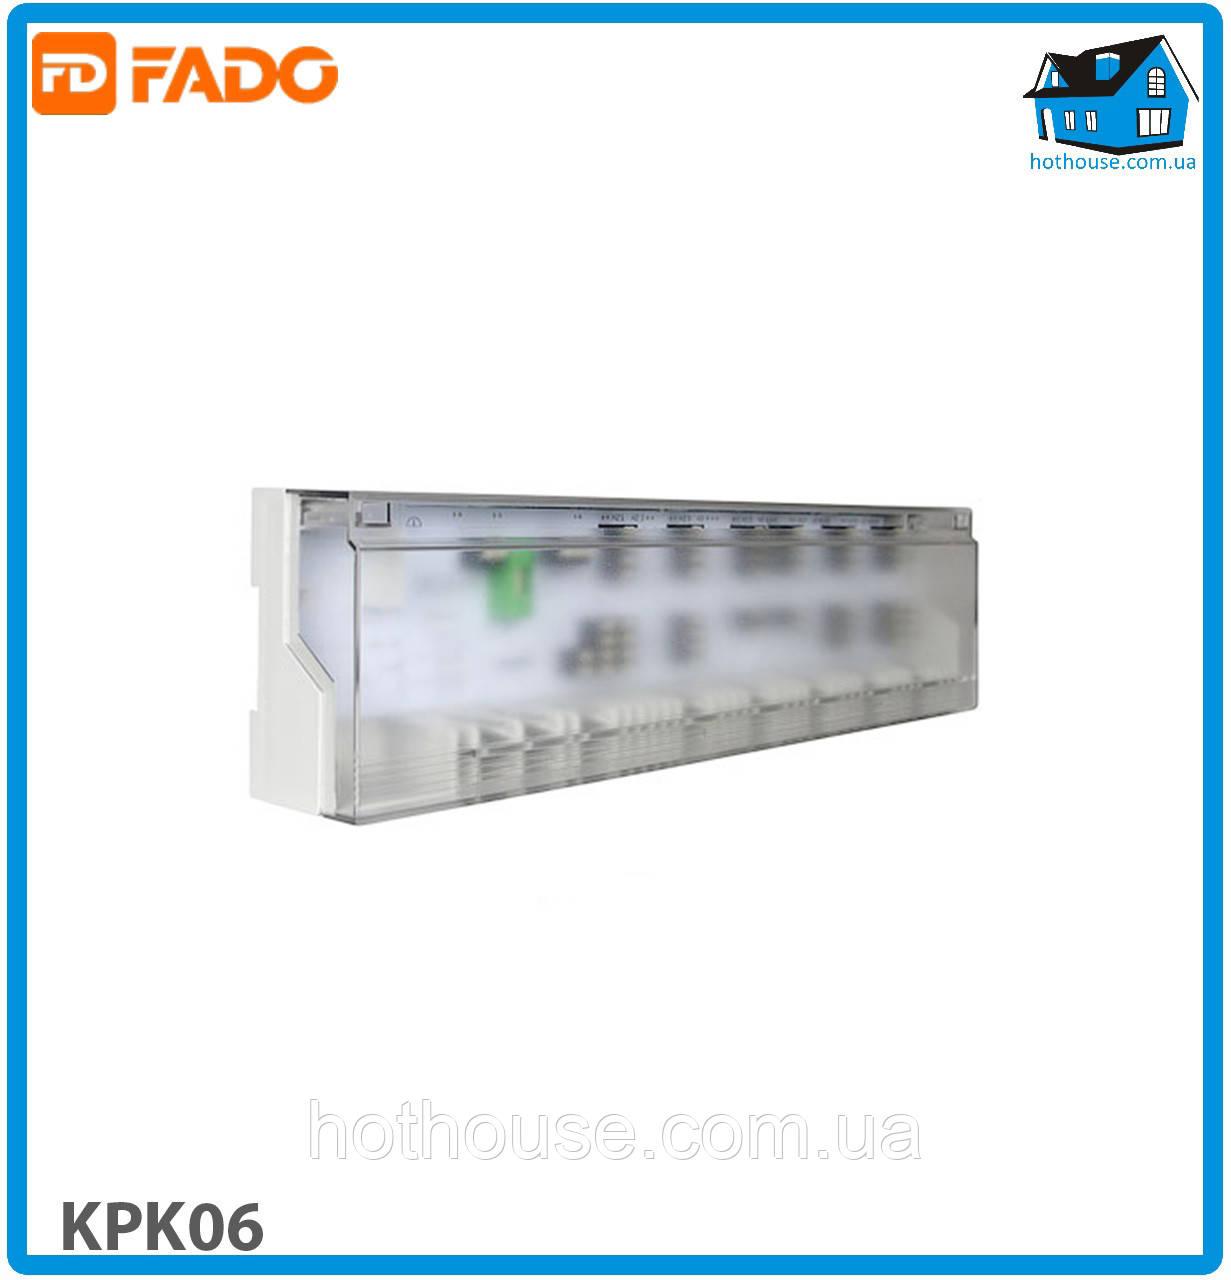 Колодка клеммная FADO KPK06 FLOOR 24/220V 6 зон